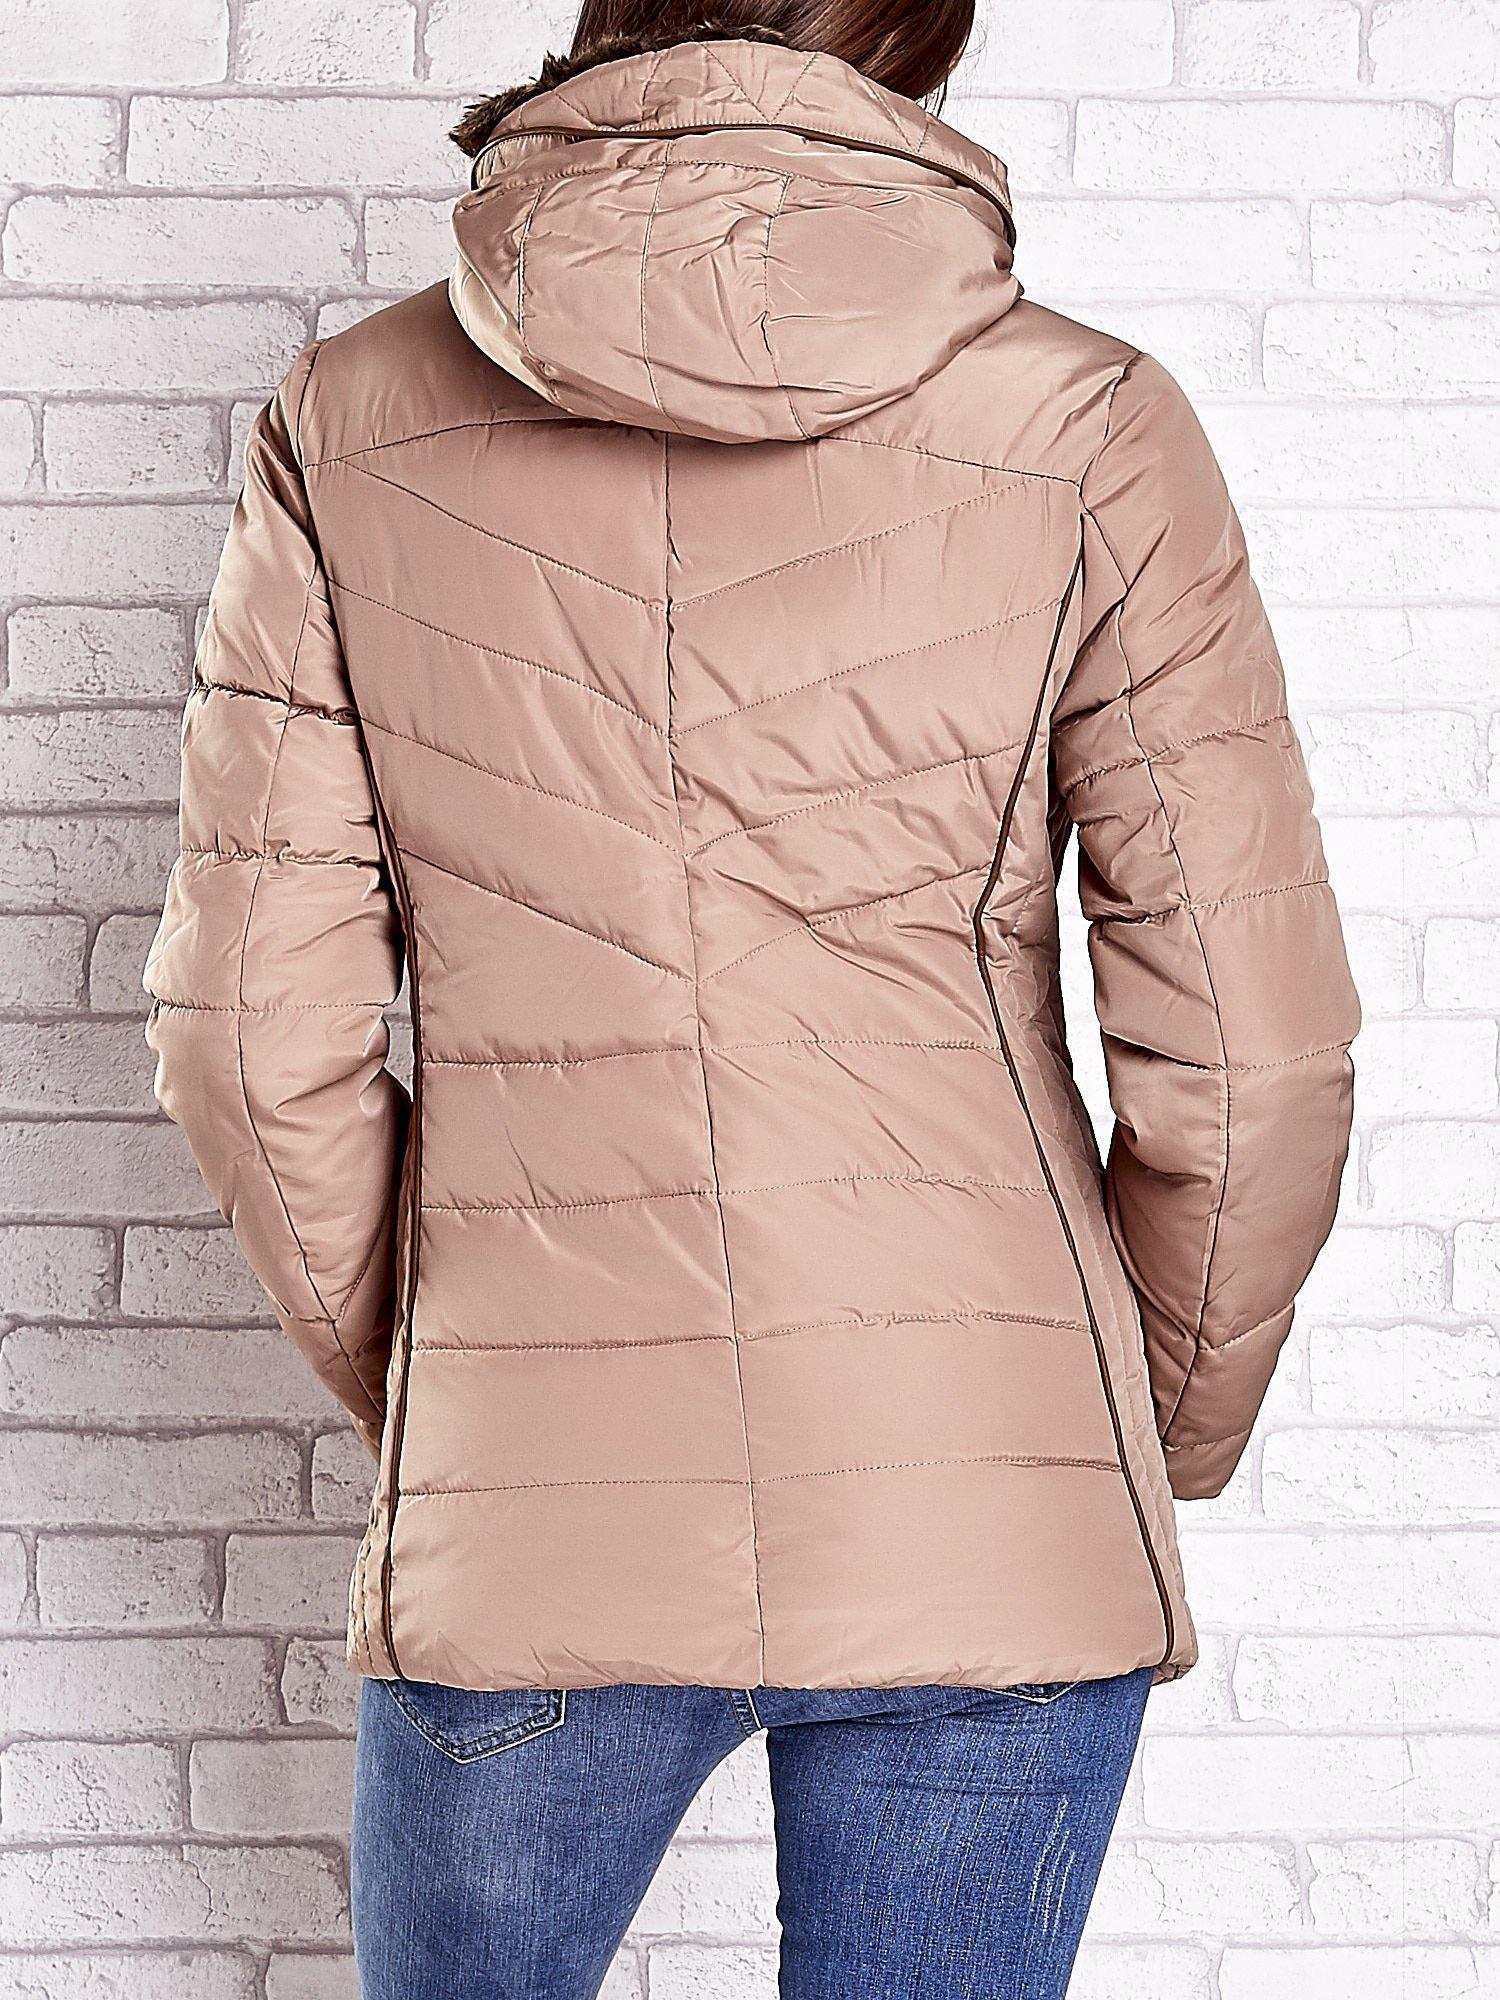 Beżowa kurtka zimowa ze skórzaną lamówką i futrzanym kapturem                                  zdj.                                  6